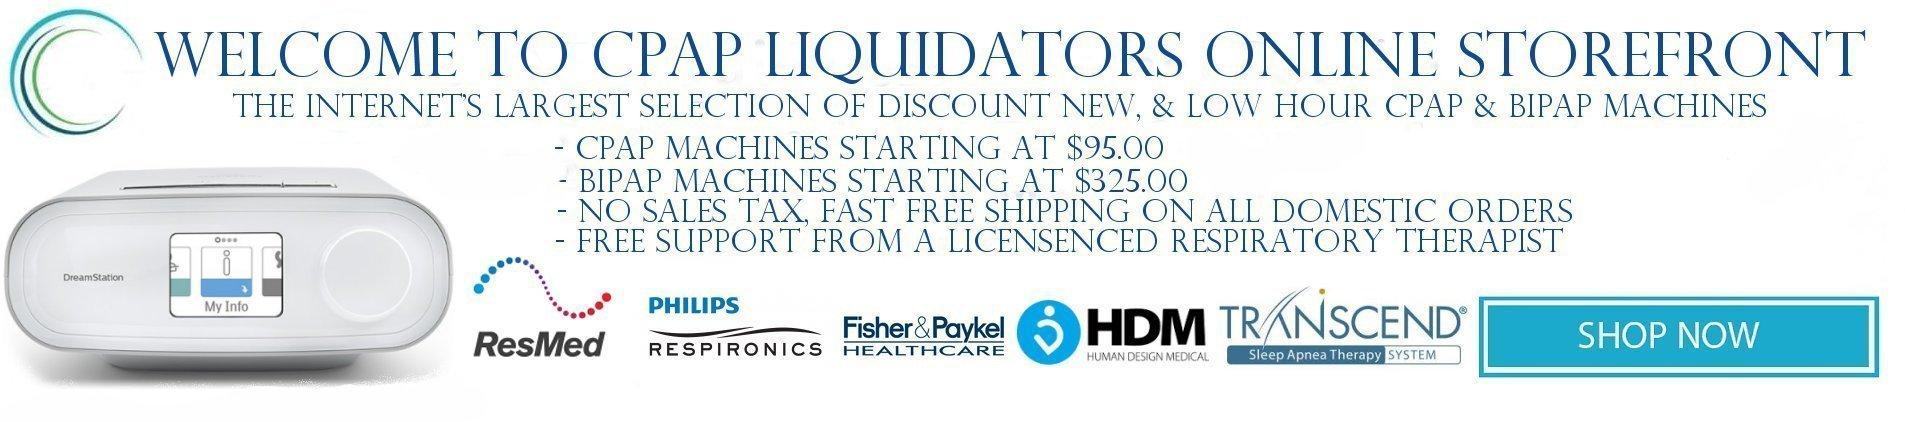 Welcome to CPAP Liquidators